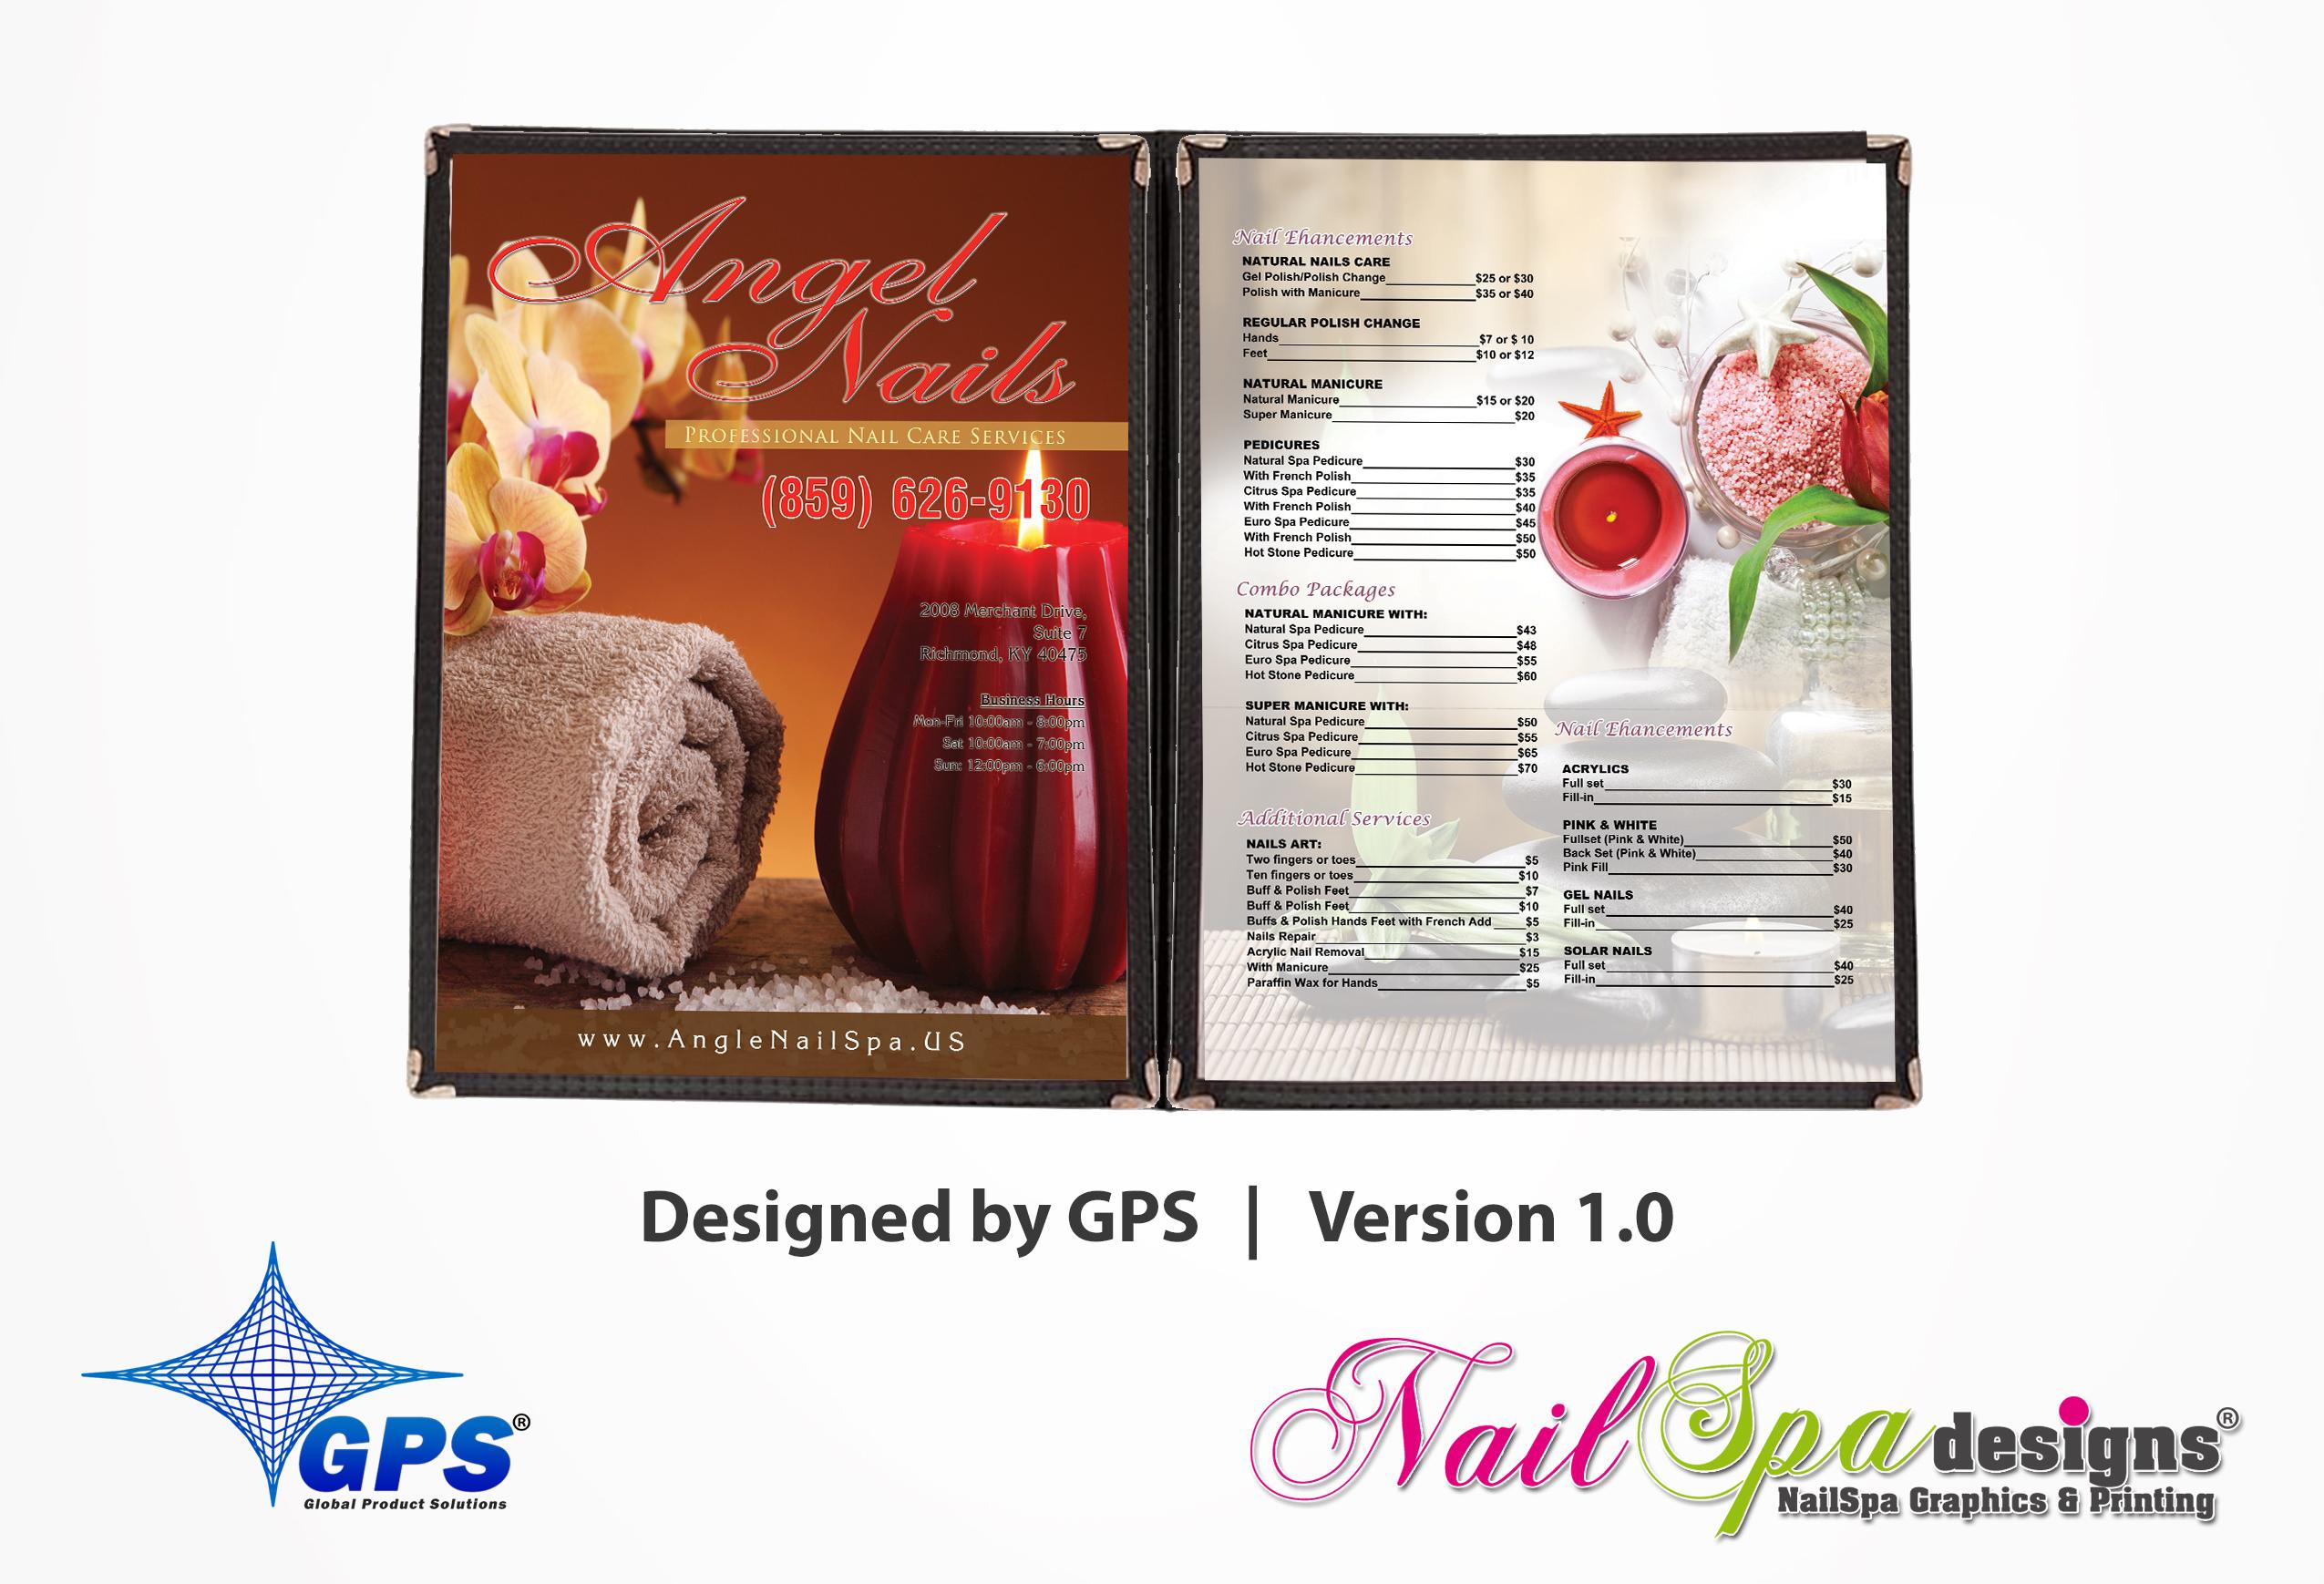 NailSpaDesigns – Nail Spa Printing